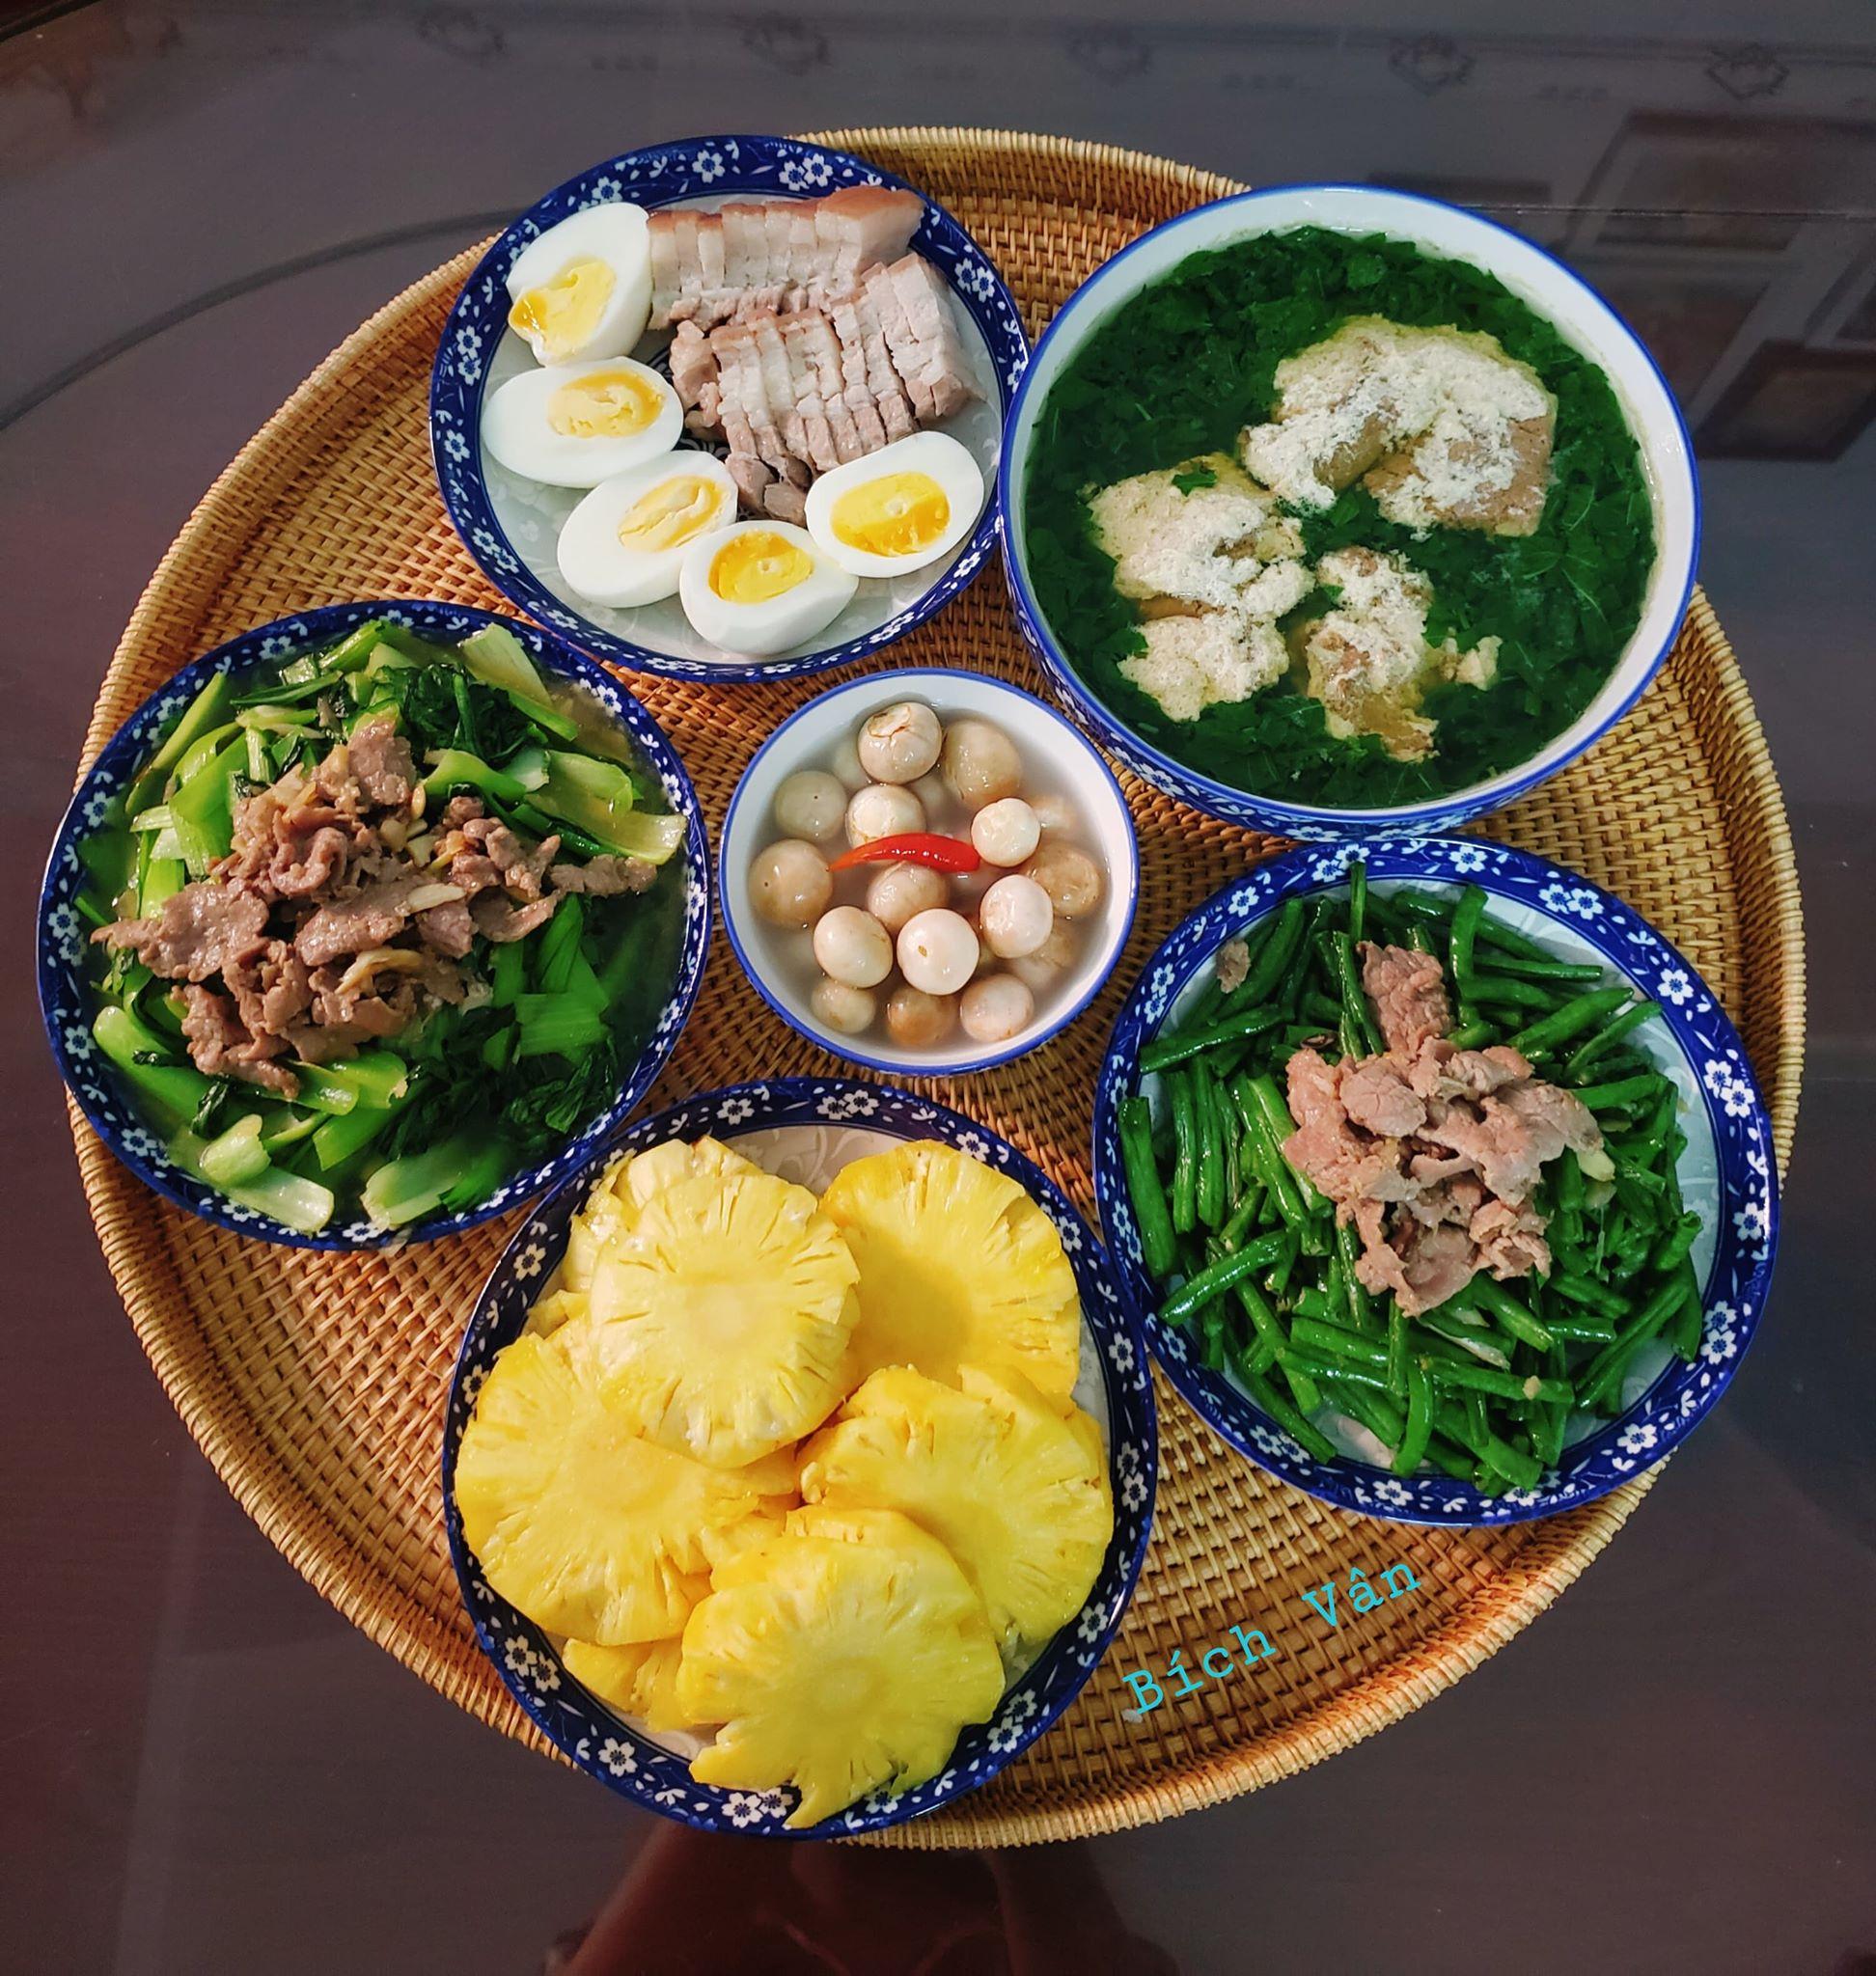 Chỉ từ 130k trở lên, bà nội trợ đảm Sài Gòn sắm sửa mỗi bữa cơm đều như đãi tiệc với các món bổ dưỡng, đẹp mắt cho gia đình 6 thành viên - Ảnh 13.